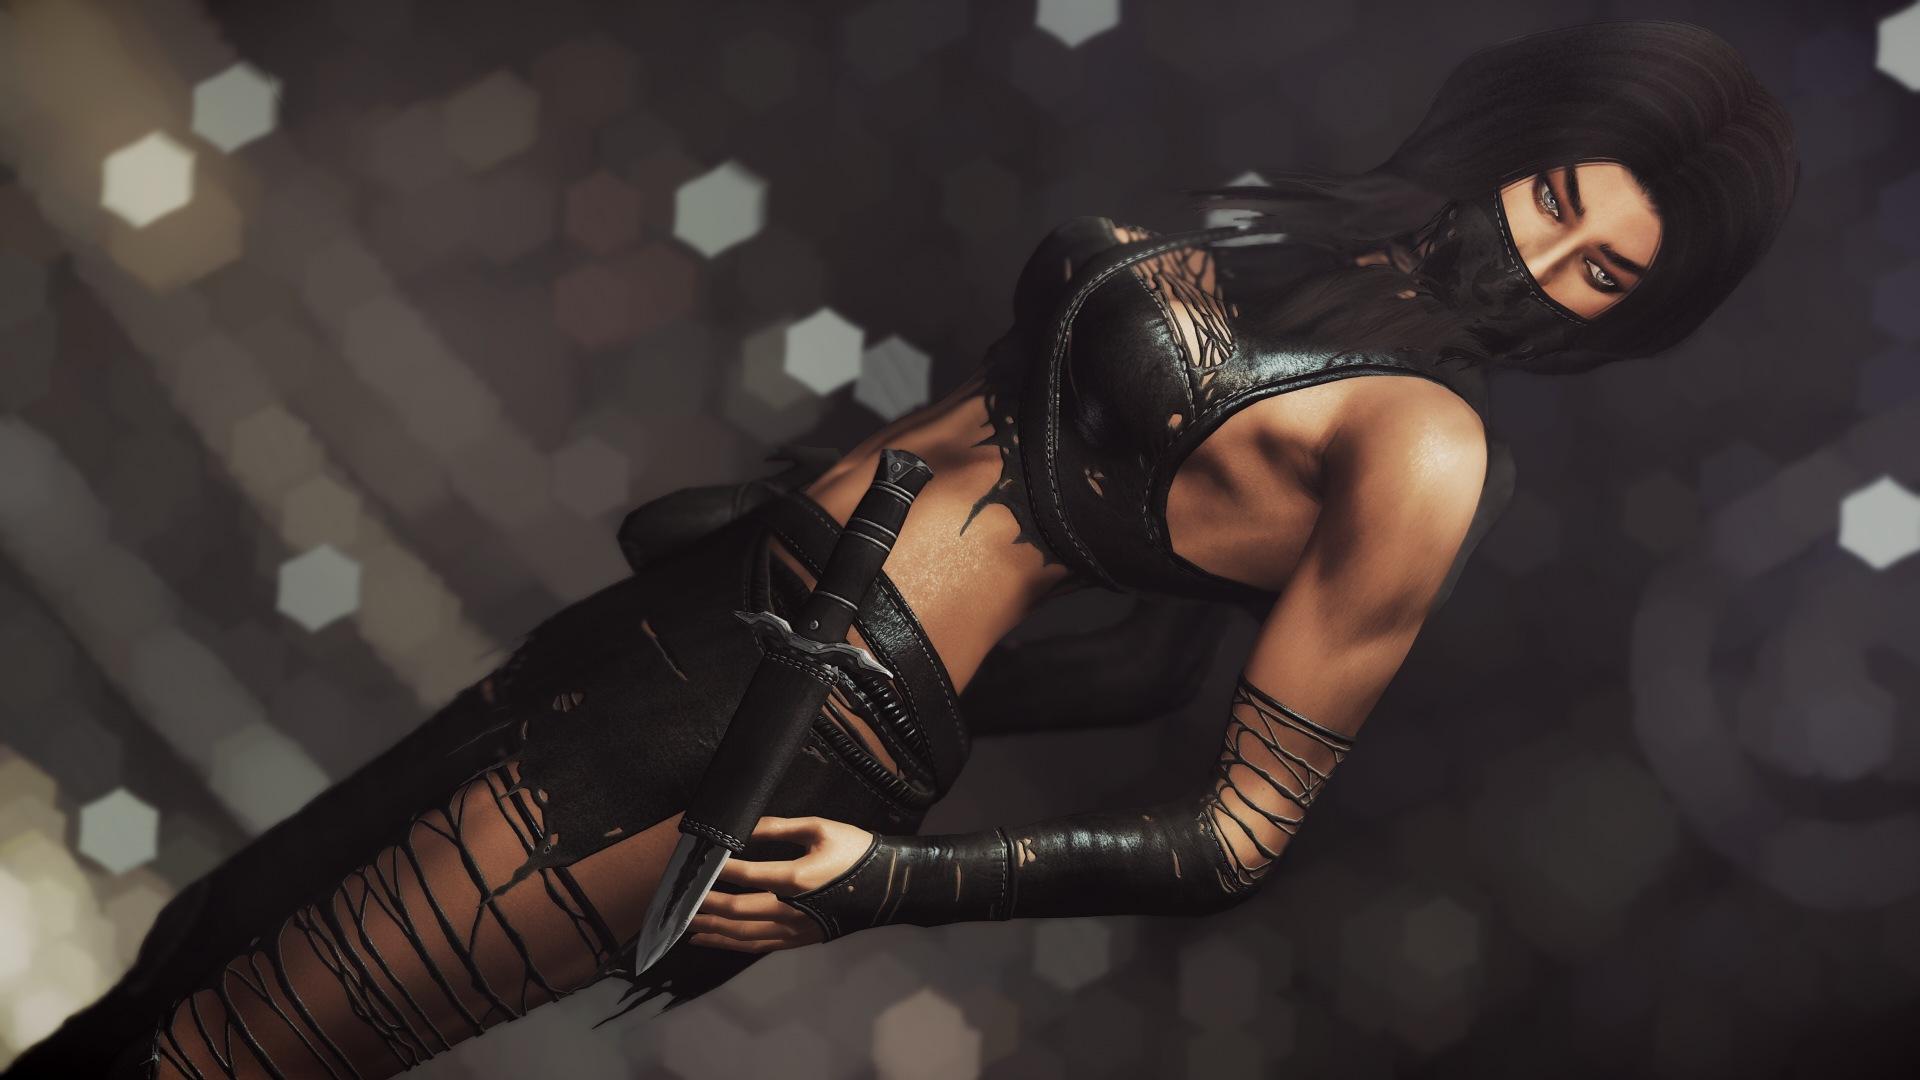 Скачать Селес - броня разбойницы от DeserterX (LE) / DX Celes Rogue Armor